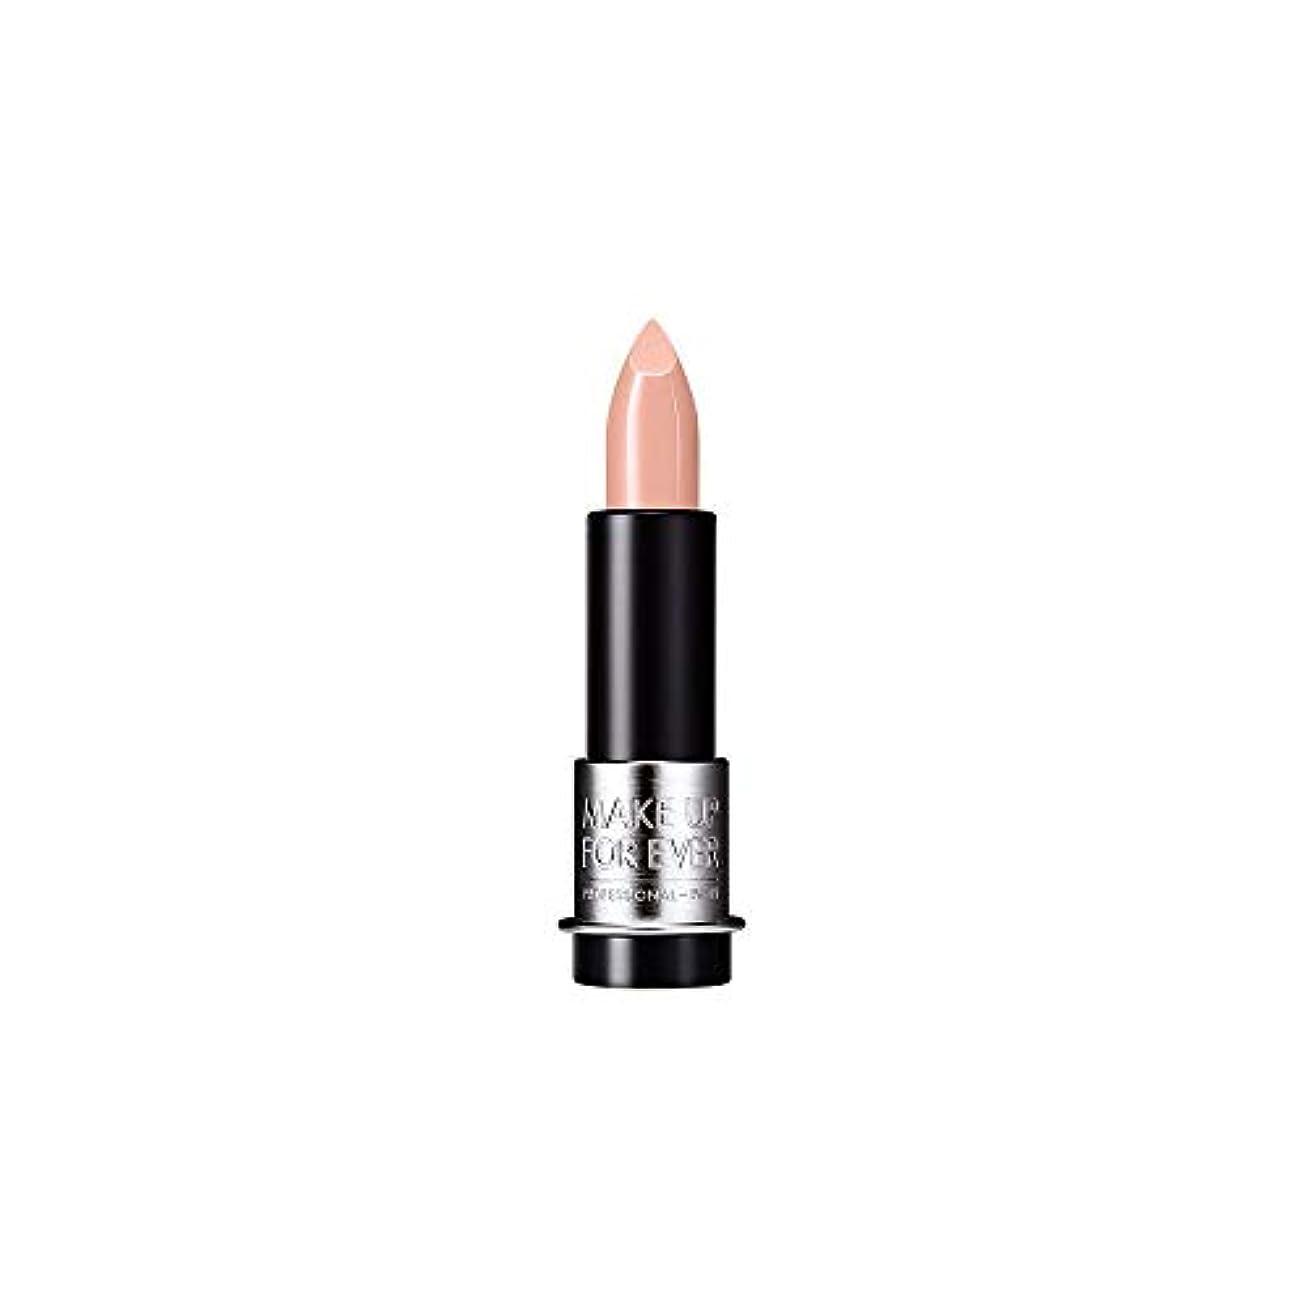 領事館影のあるデータ[MAKE UP FOR EVER] ヌードベージュ - これまでアーティストルージュクリーム口紅3.5グラムのC103を補います - MAKE UP FOR EVER Artist Rouge Creme Lipstick...